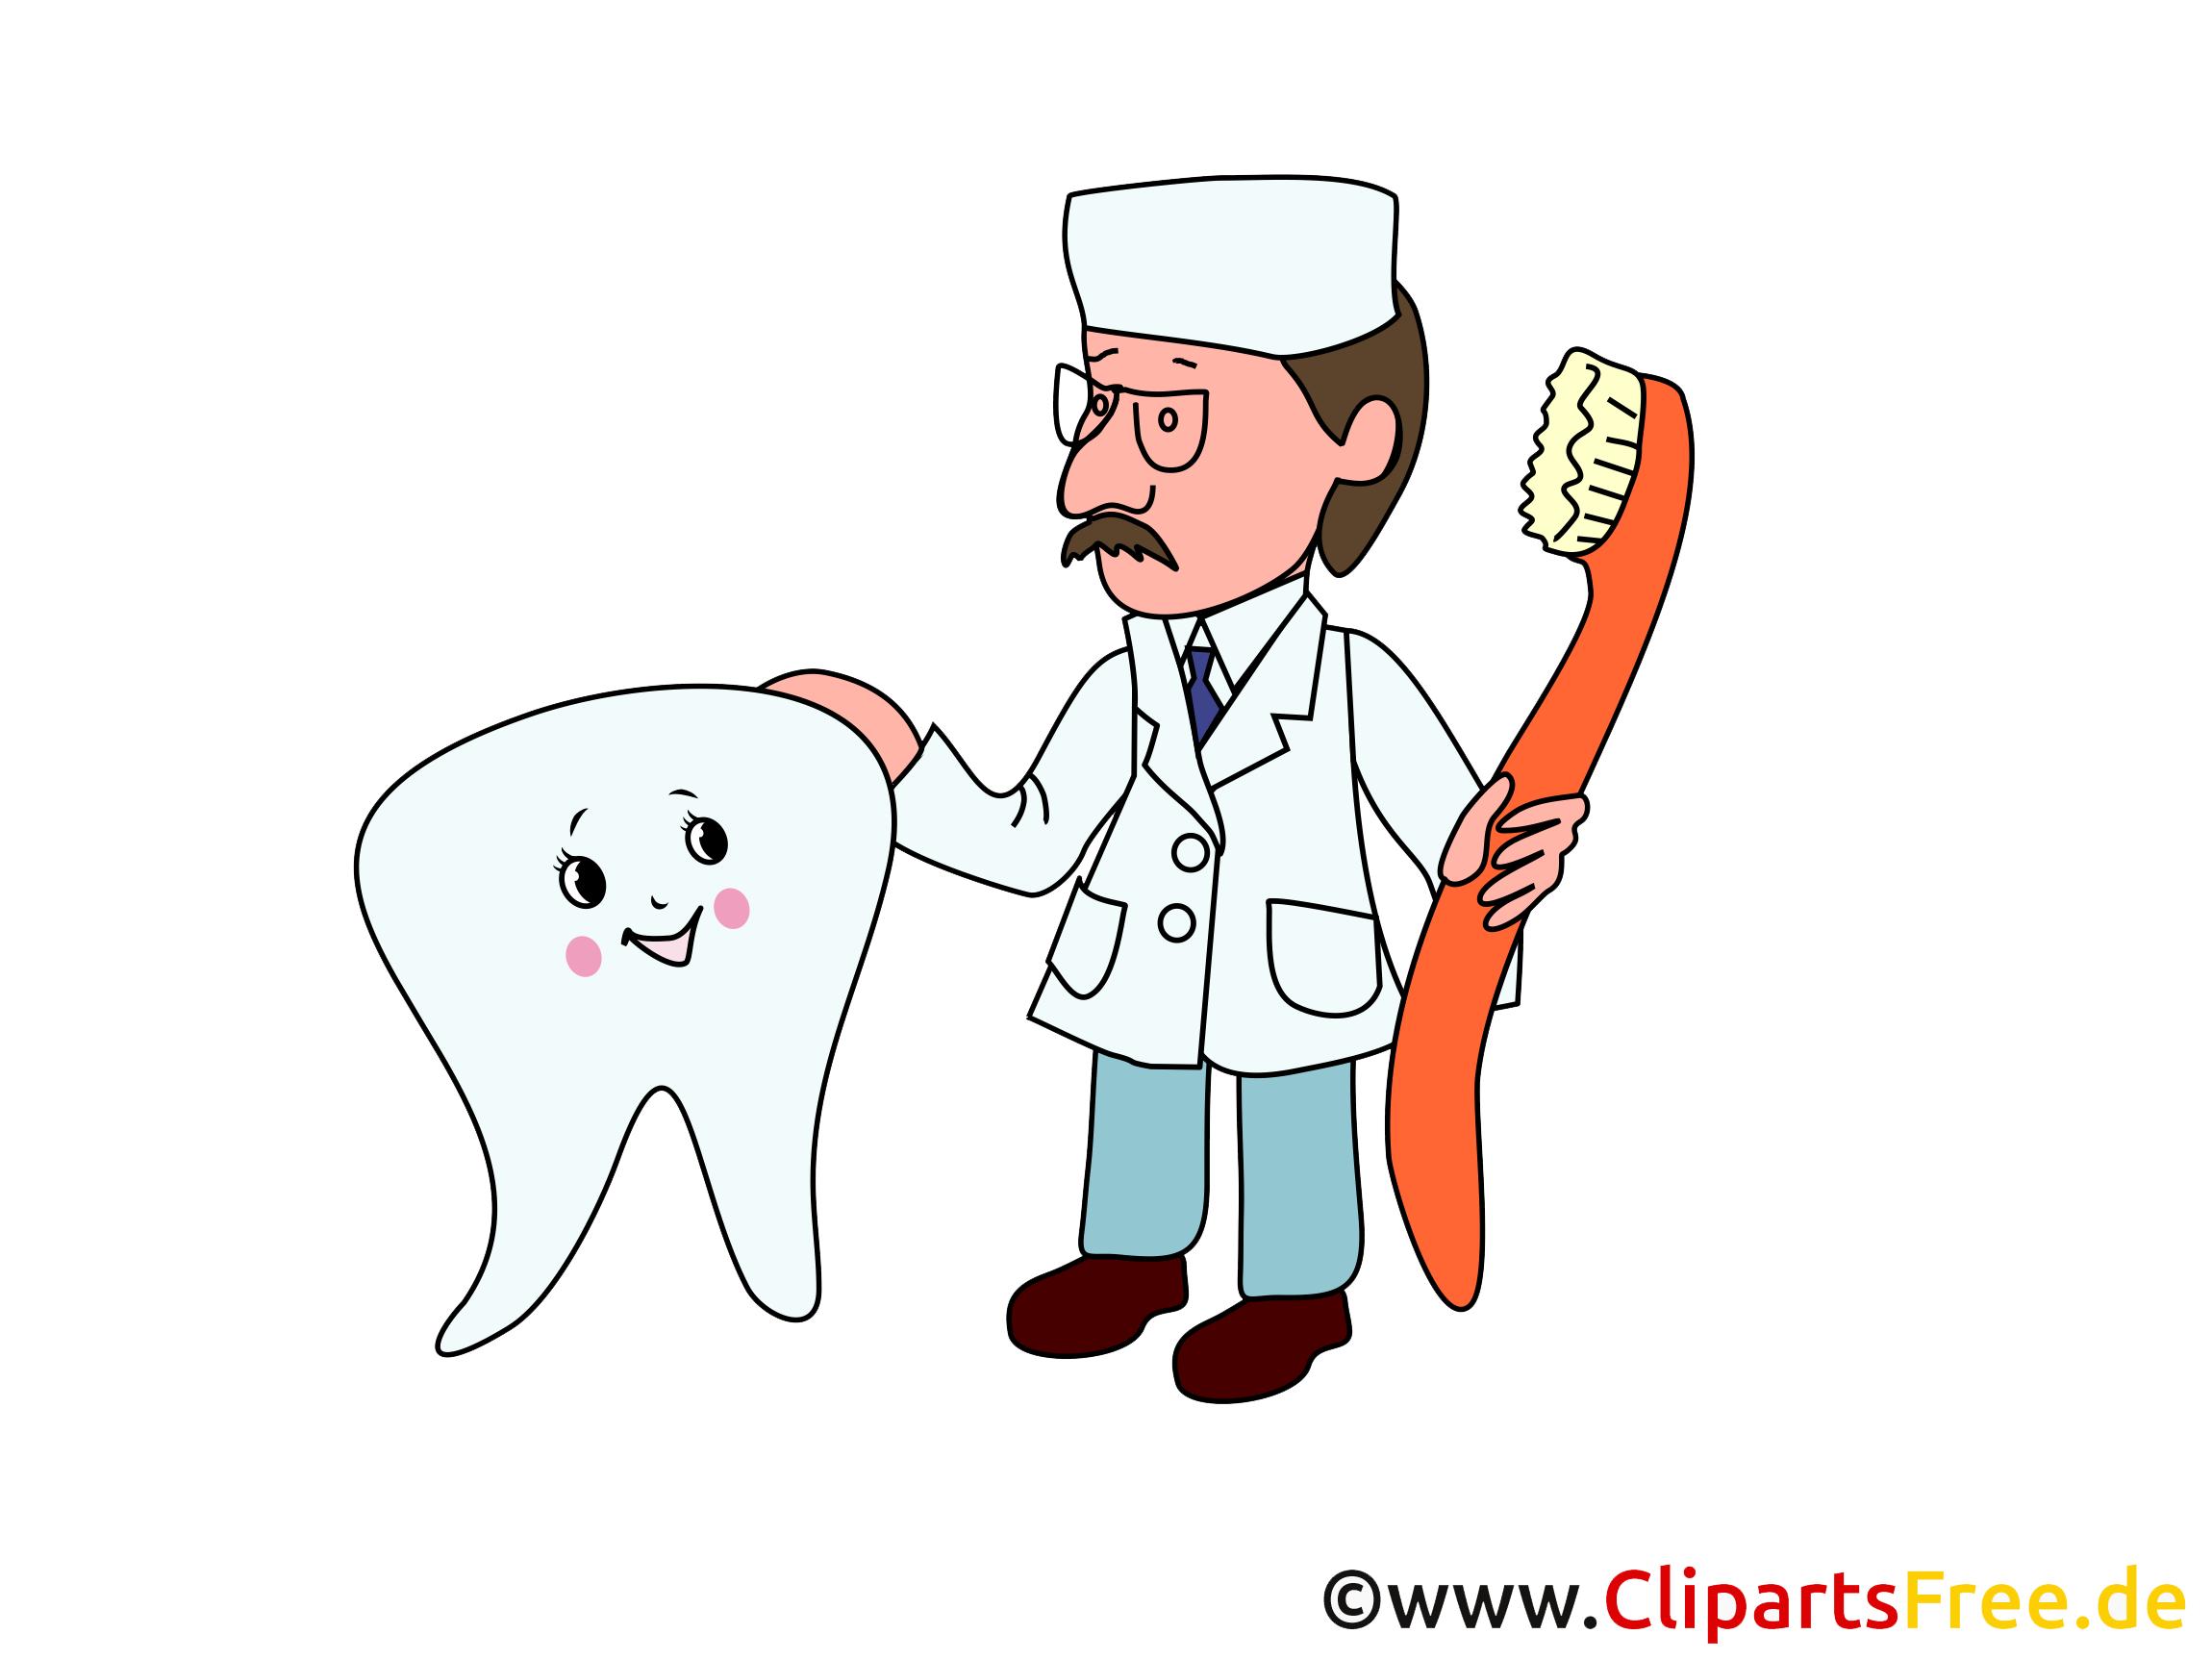 Zahn und Zahnarzt Cliparts, Bilder, Grafiken, Illustrationen